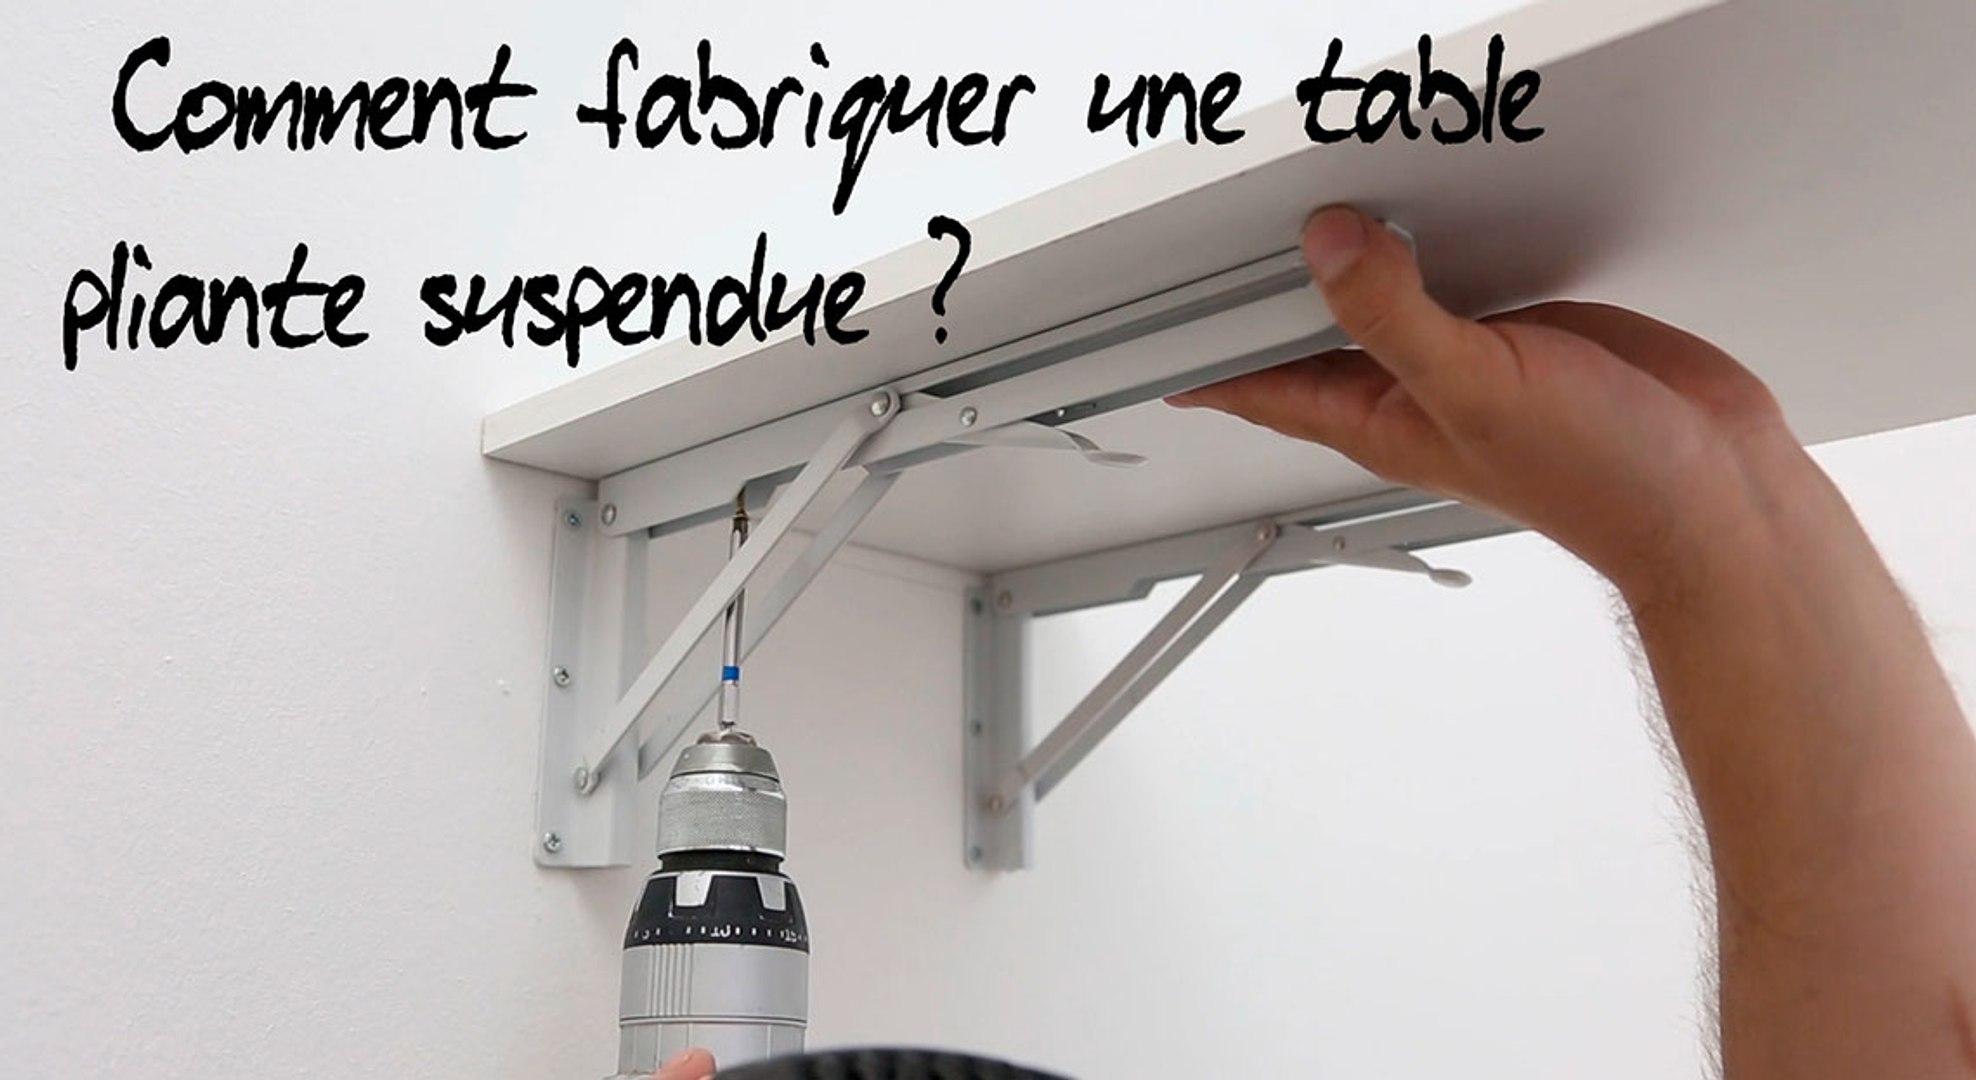 Fabriquer Une Table Escamotable comment fabriquer une table pliante suspendue ?